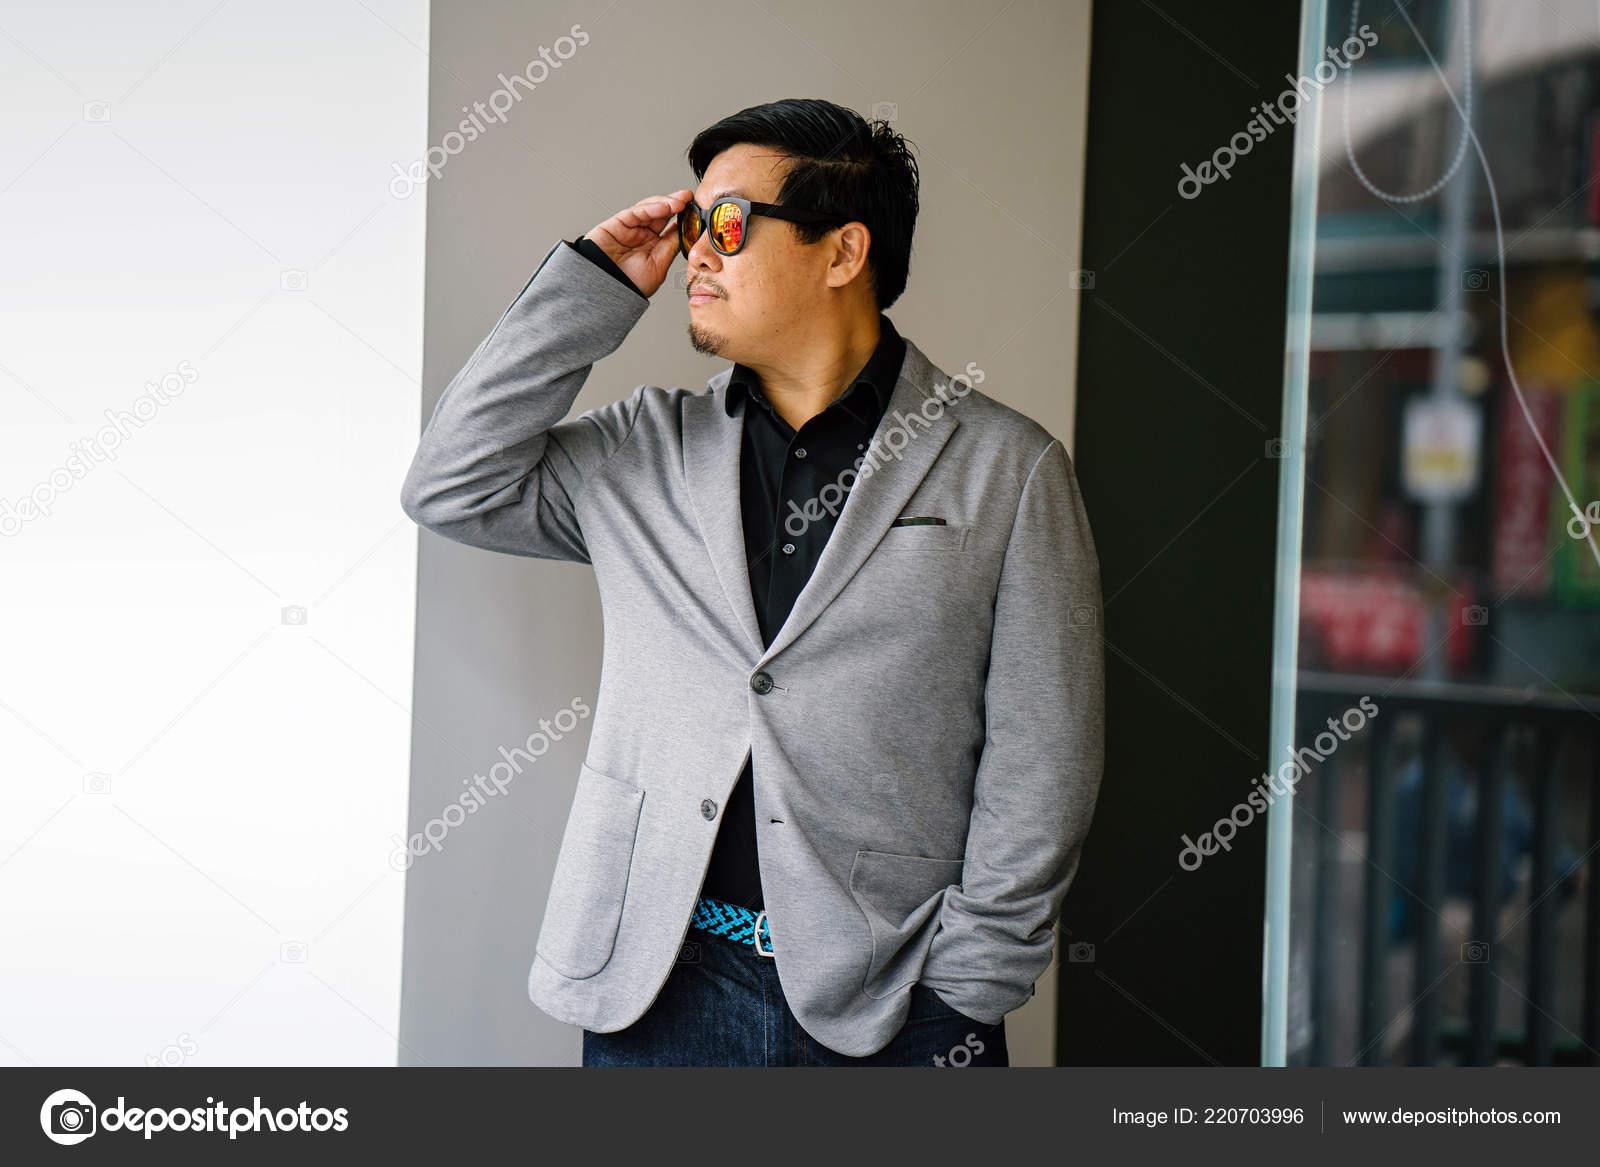 Grigio Completo Camicia Camicia Uomo Nera Nera Grigio Completo Uomo Camicia Grigio Uomo Completo kXZPuwOiT